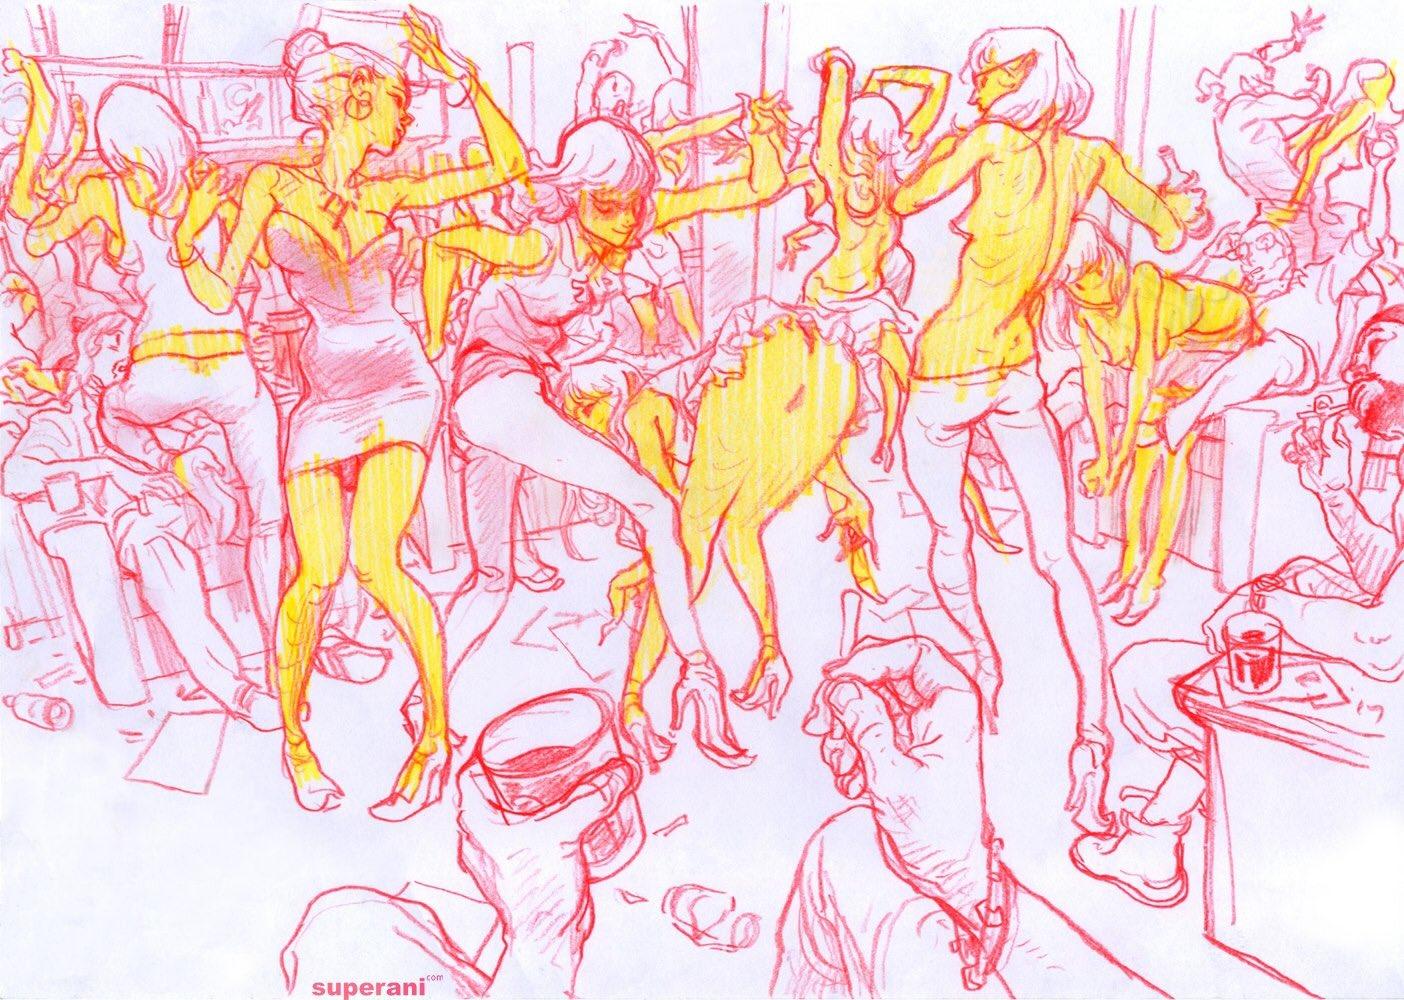 Ilustraciones sueltas chulas encontradas por el internete - Página 4 CsmAk9zW8AA5Cx1